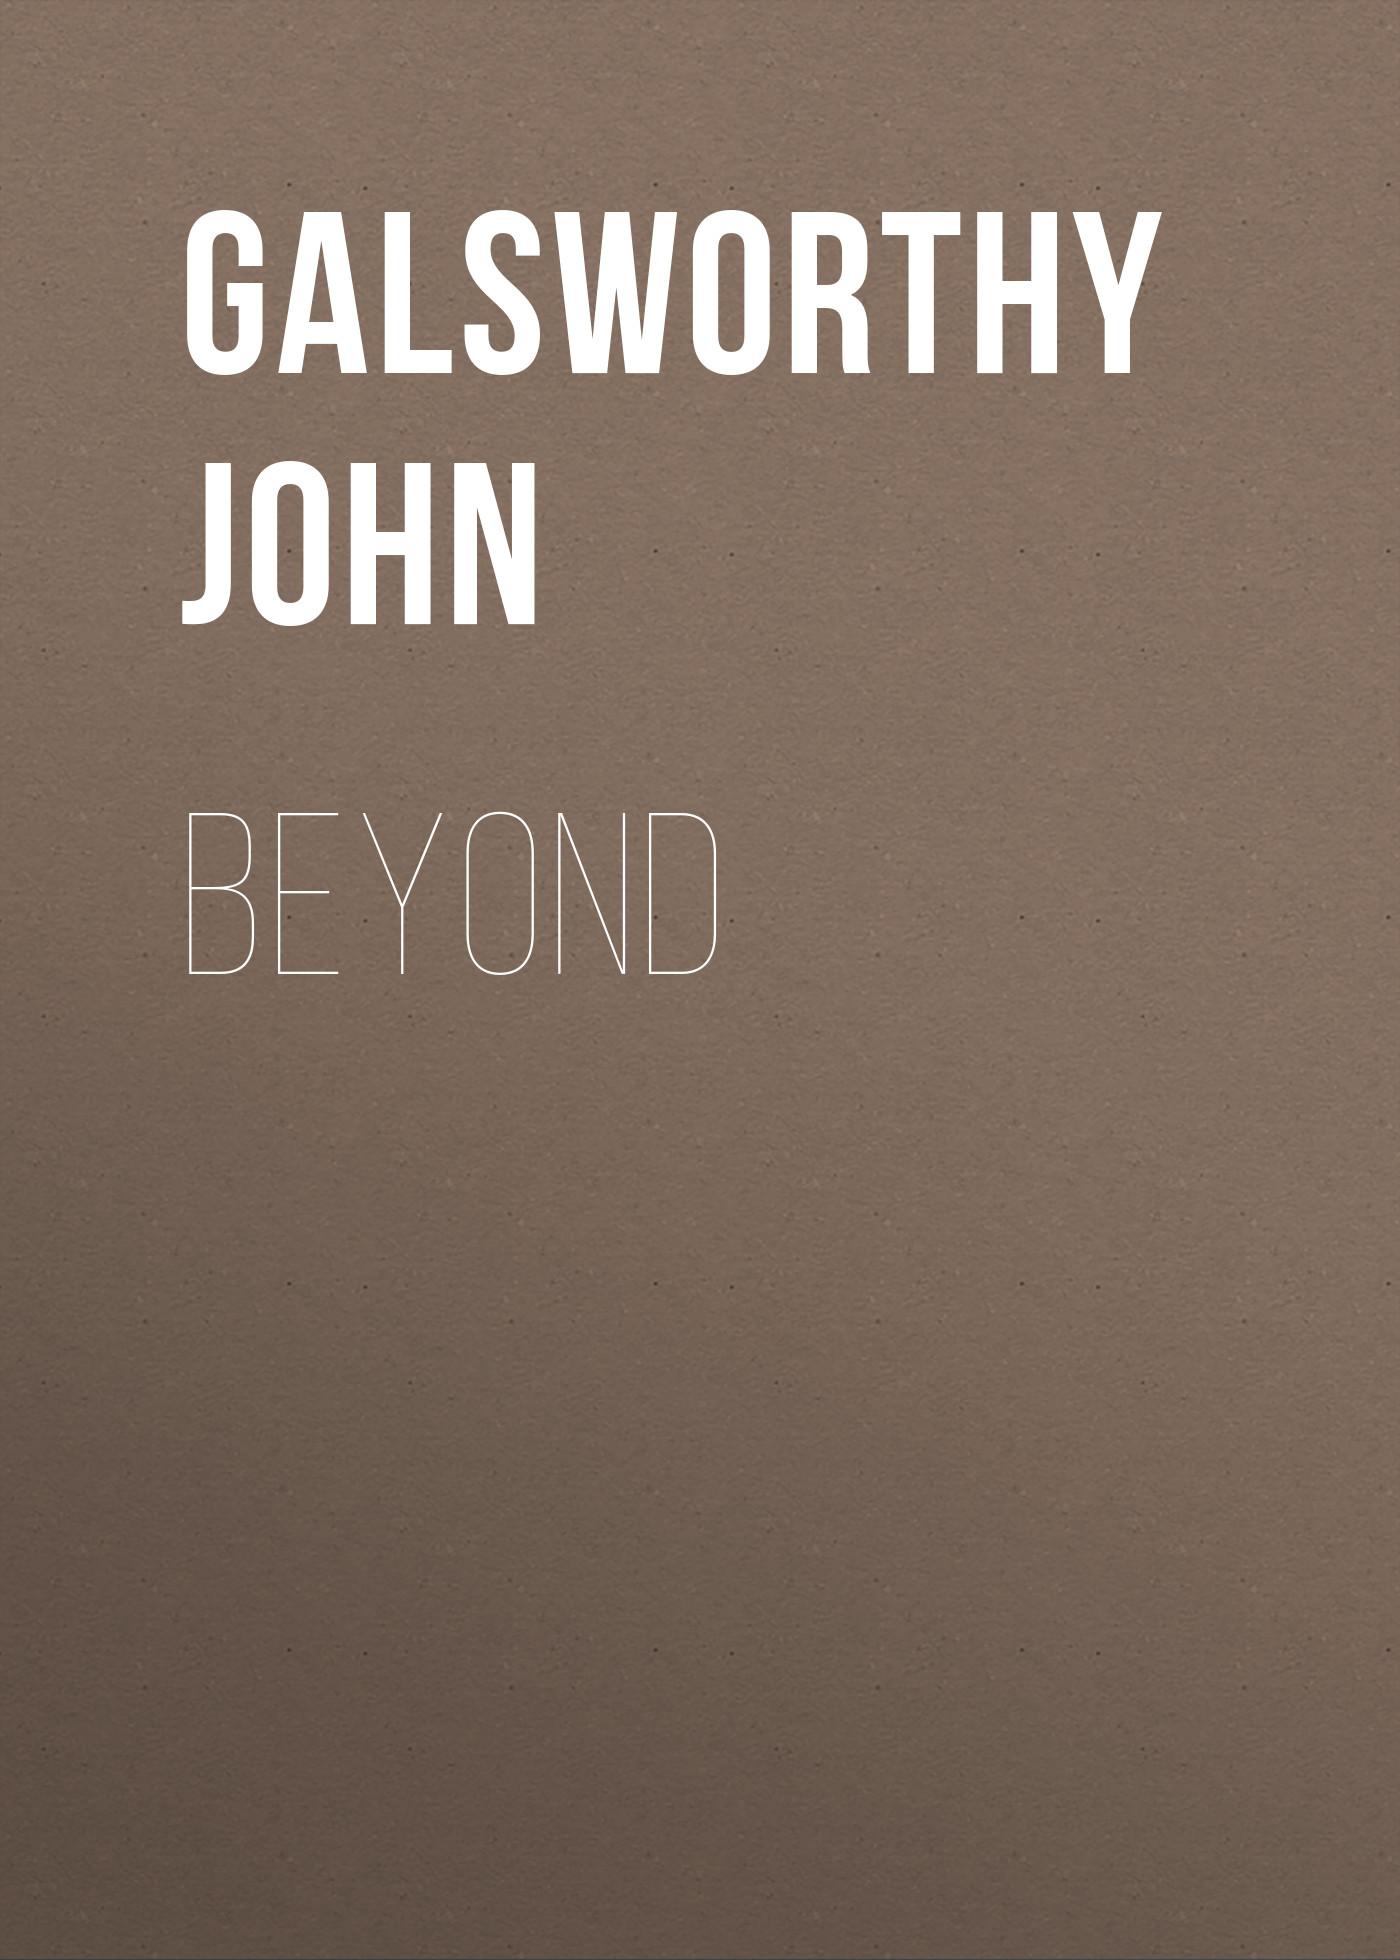 Galsworthy John Beyond недорого